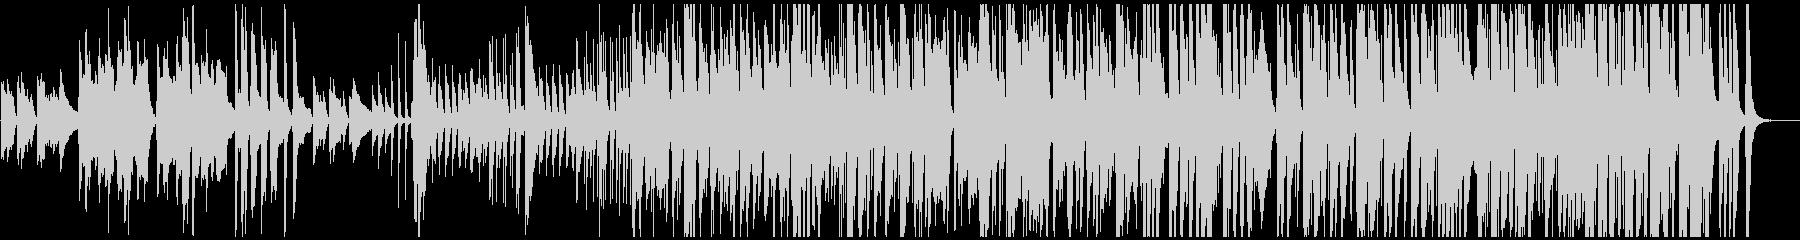 和太鼓・篠笛を使った「あめふり」JAZZの未再生の波形